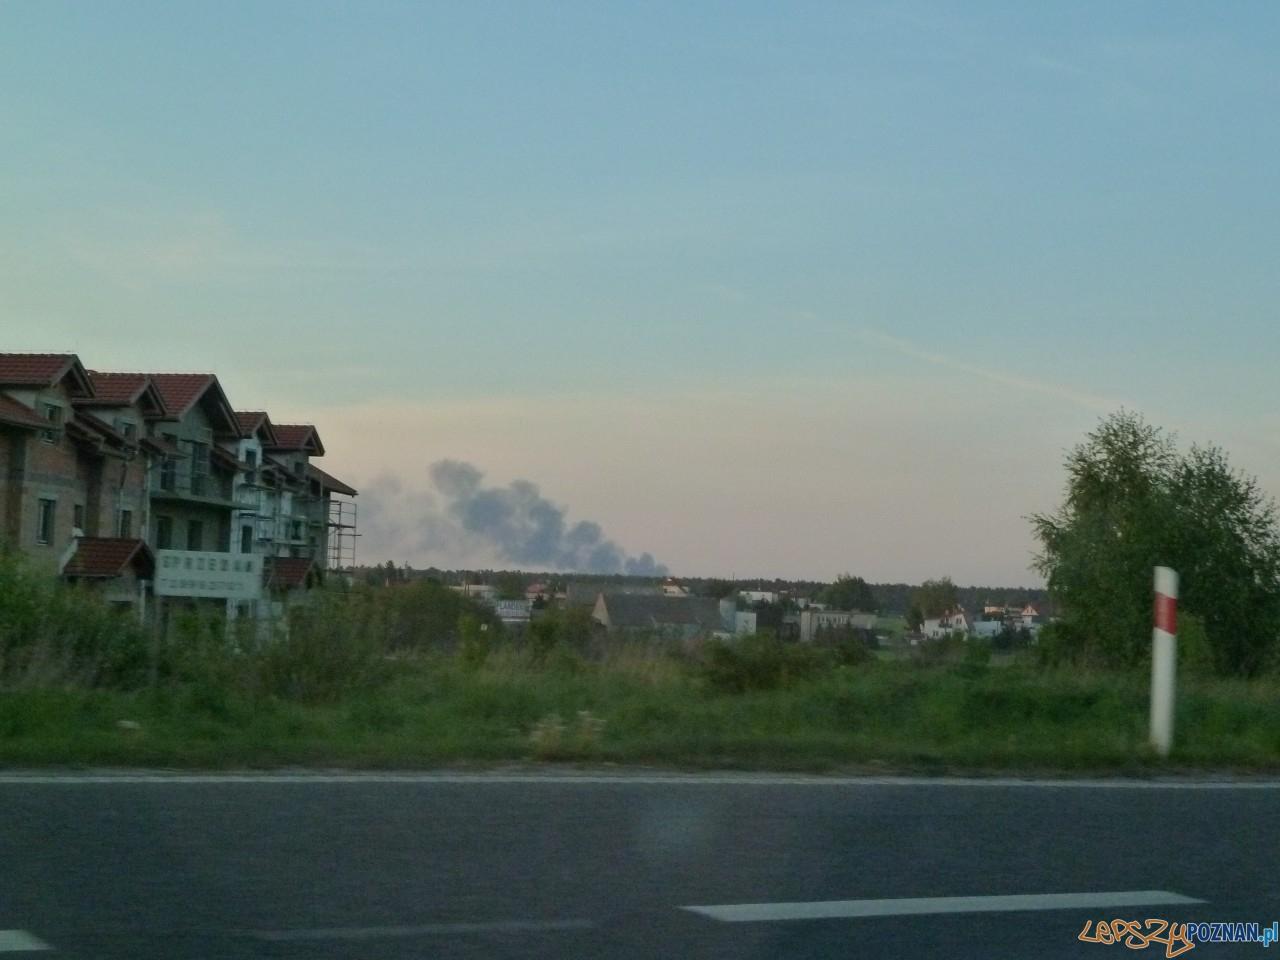 Zdjęcia z trasy Stęszew-Komorniki  Foto: Maciej Koterba